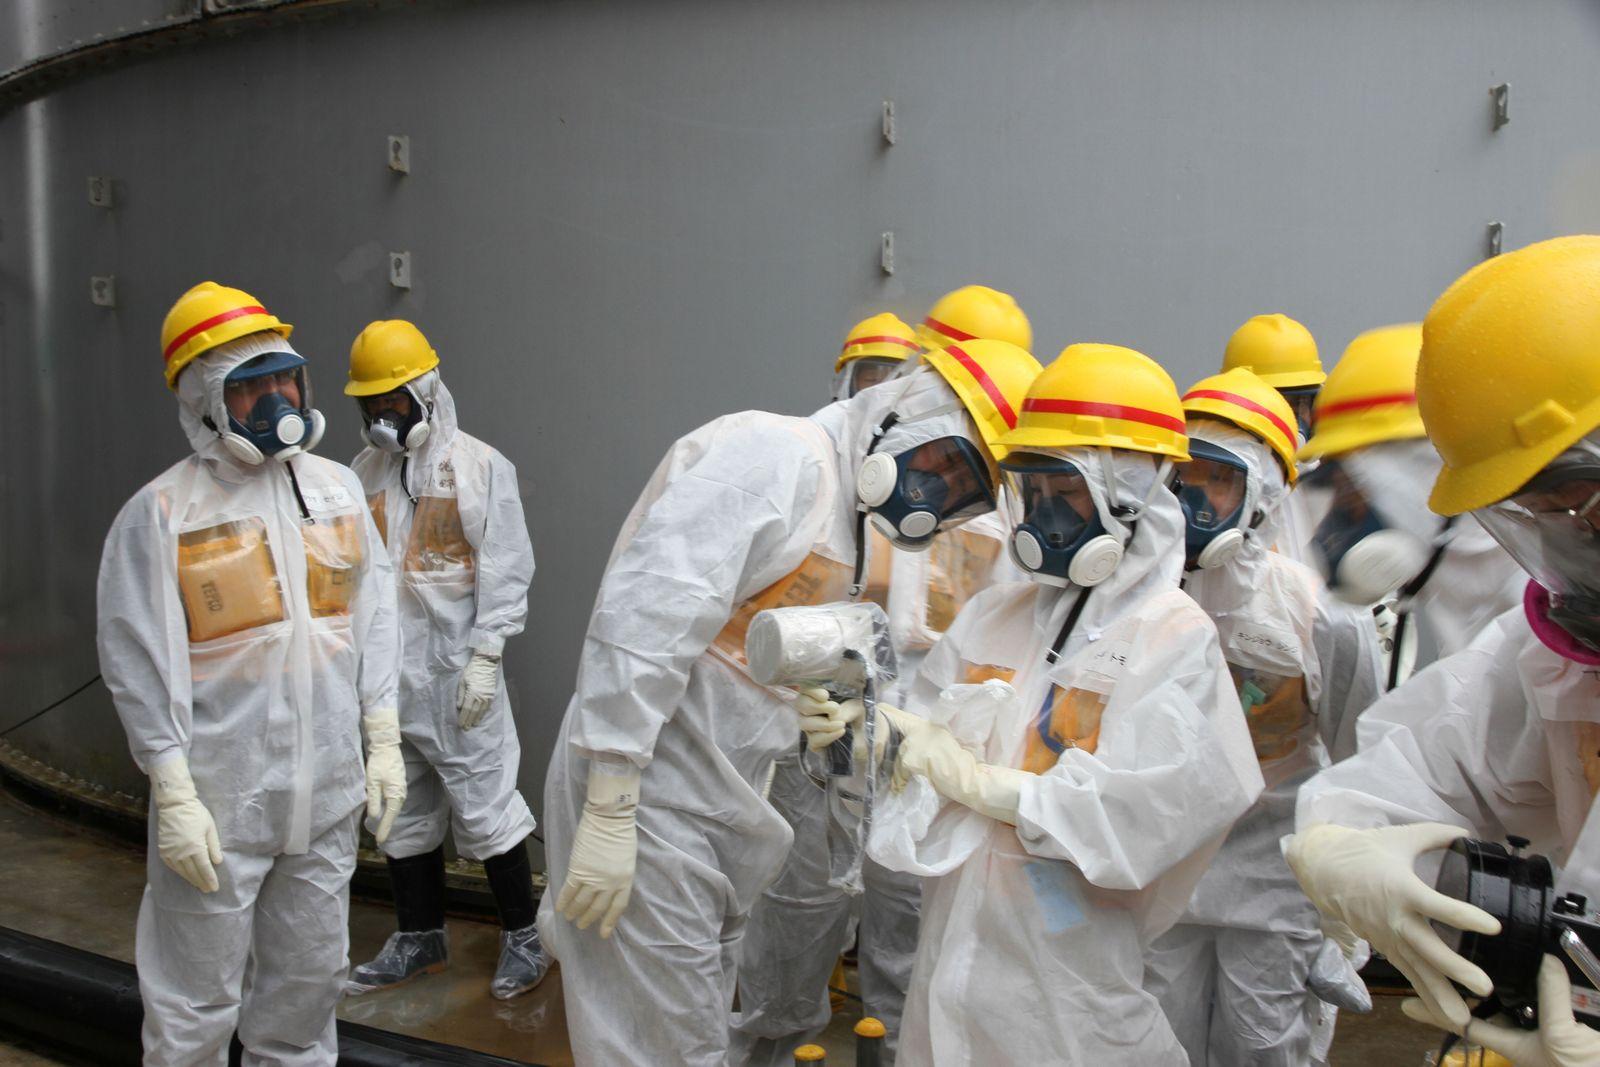 Fukushima / AKW